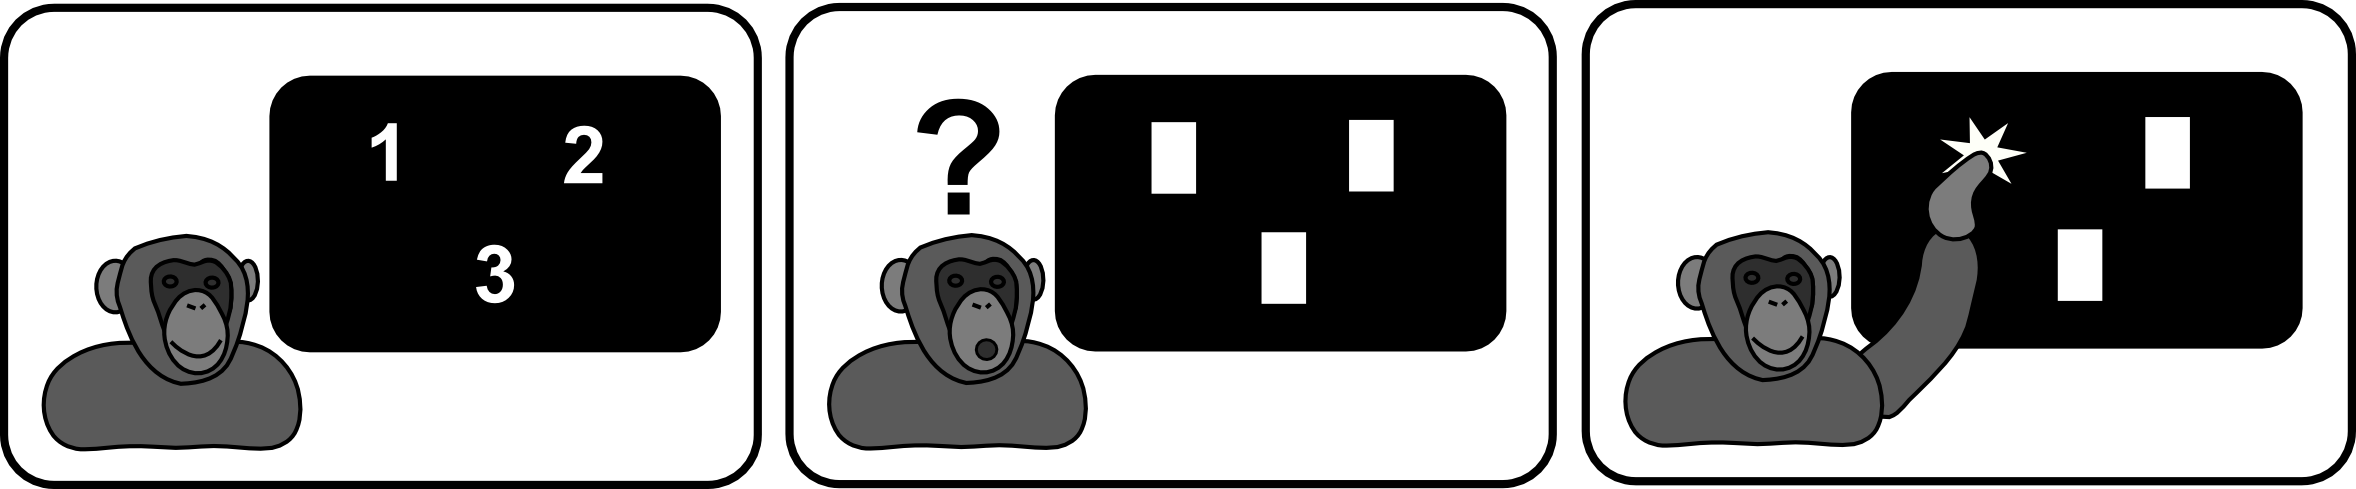 Chimp playing computer game.